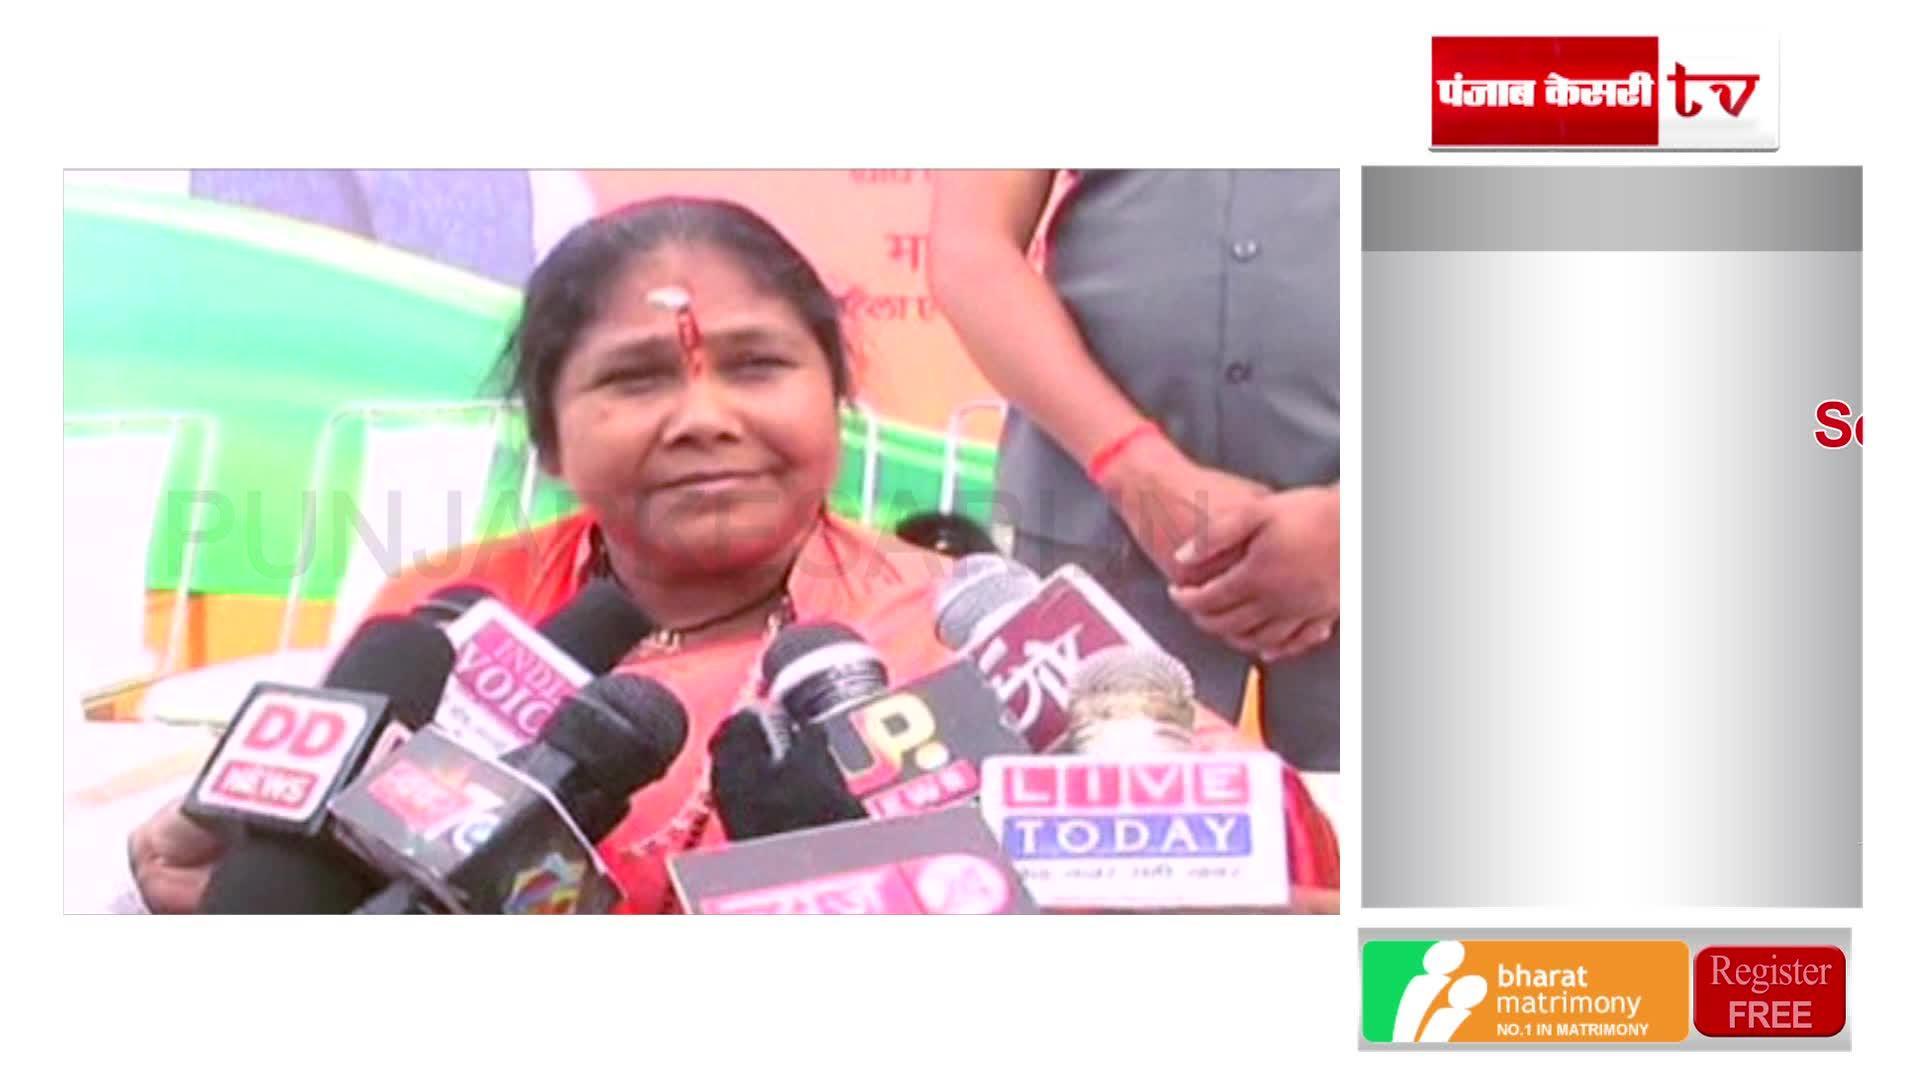 Image of साध्वी निरंजन ज्योति ने साधा सपा पर निशाना